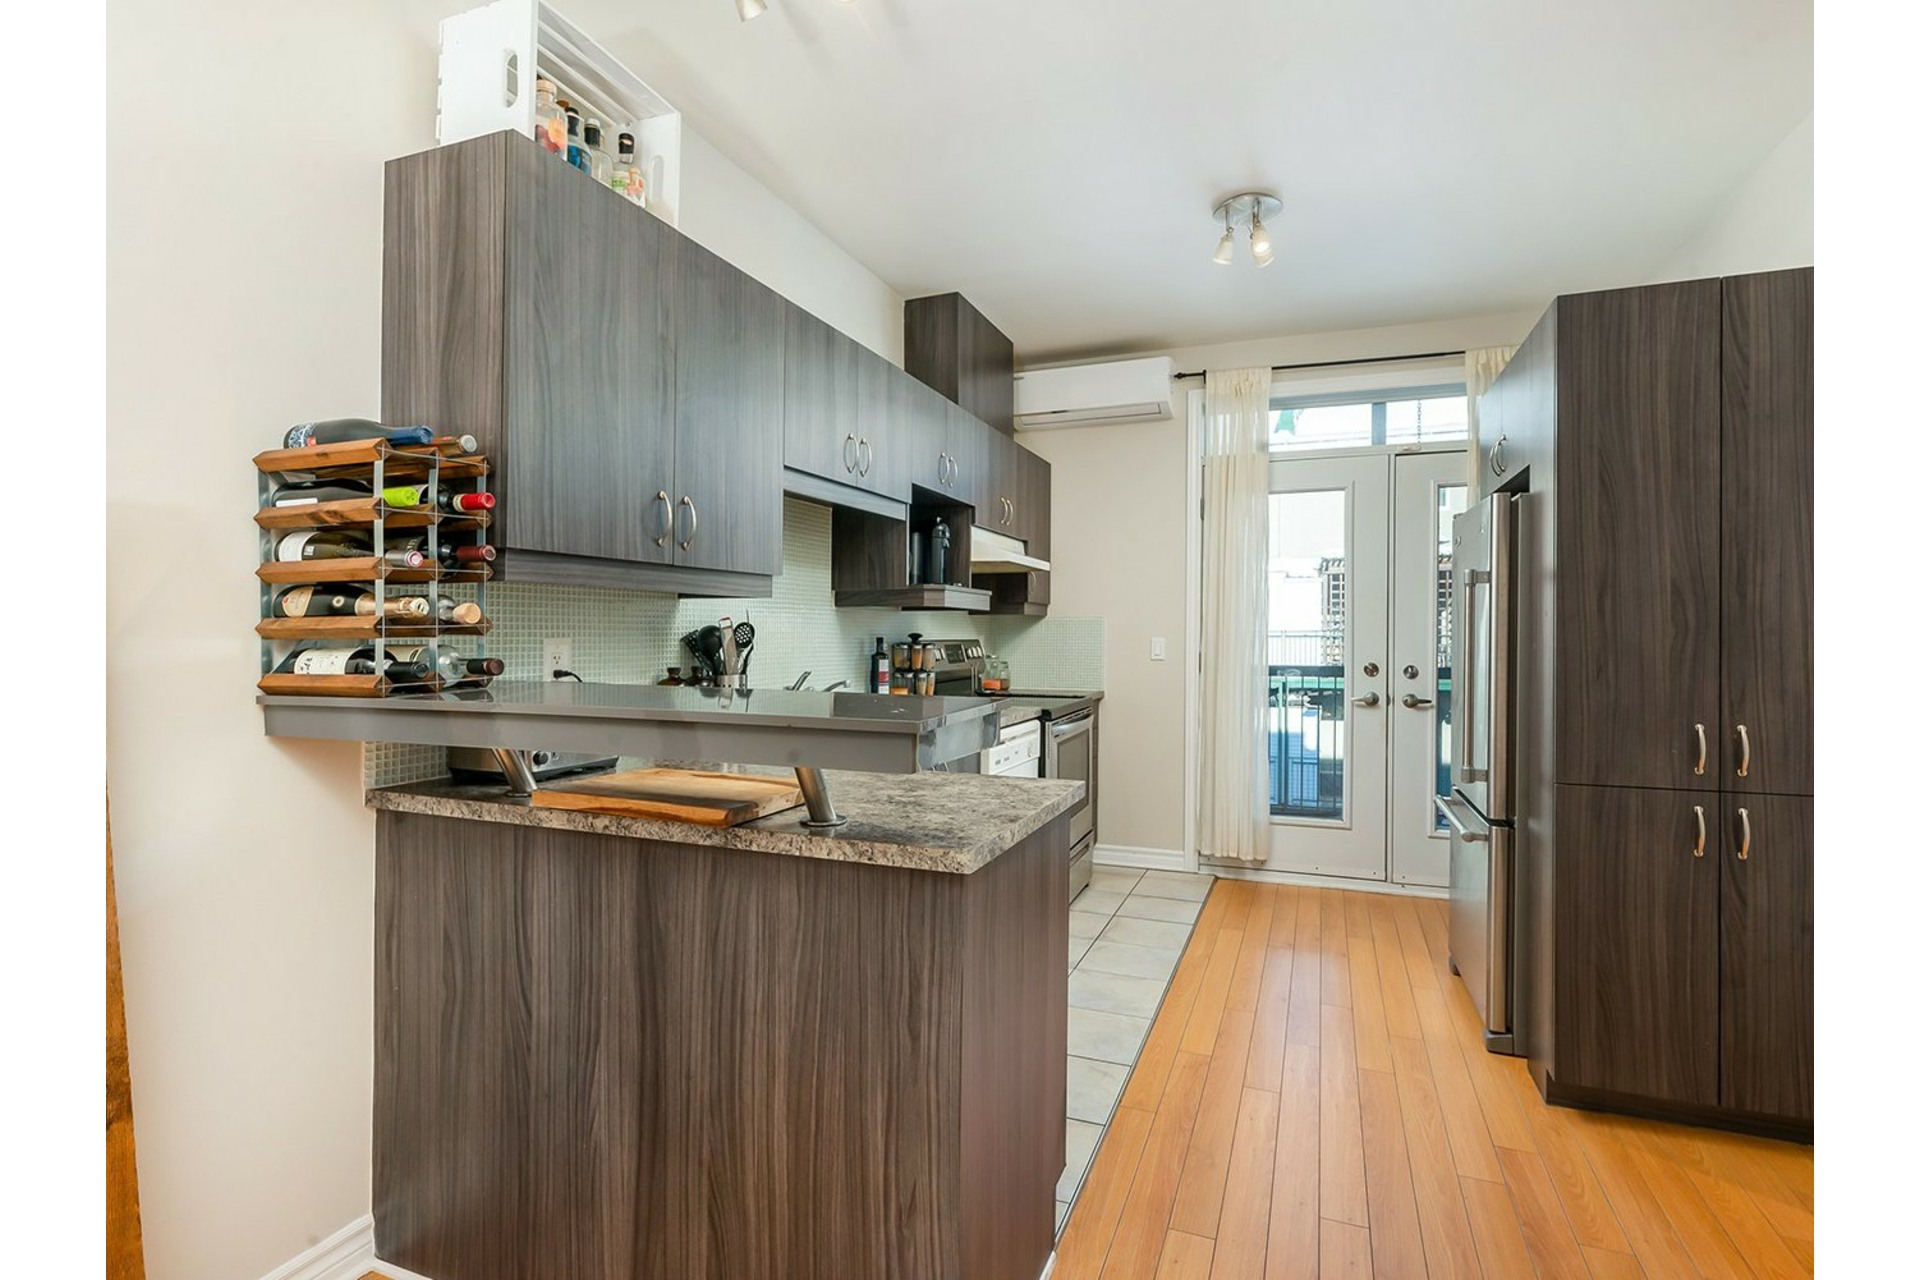 image 7 - Appartement À vendre Rosemont/La Petite-Patrie Montréal  - 6 pièces